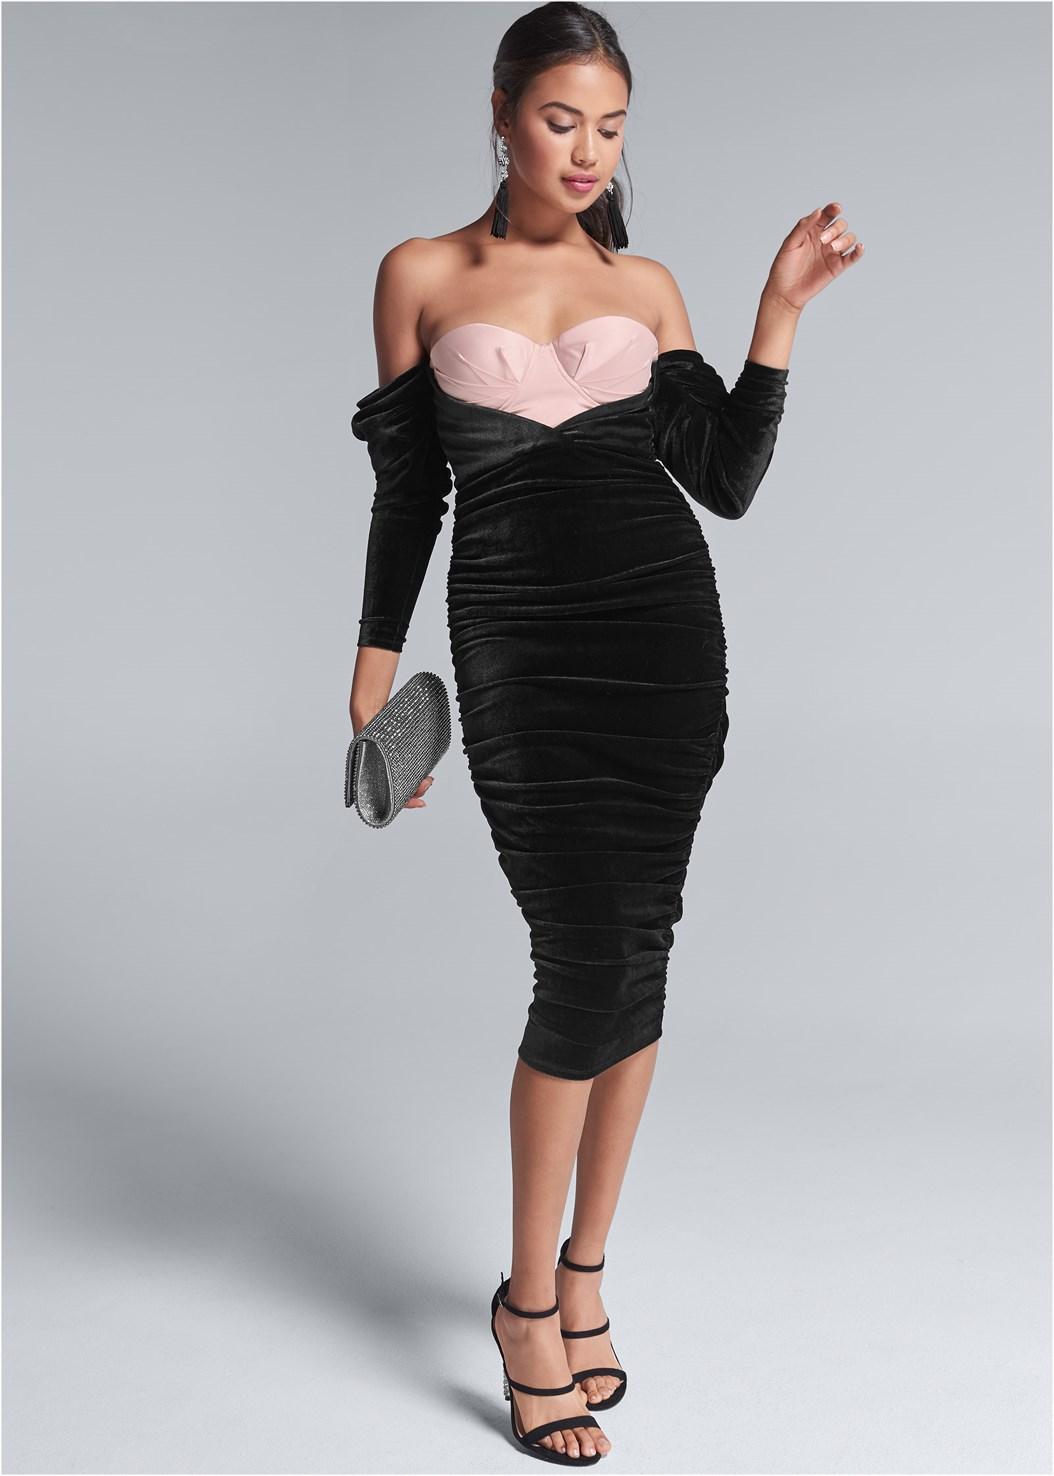 Velvet Bodycon Dress,Embellished Strappy Heel,Jewel Fringe Earrings,Rhinestone Clutch